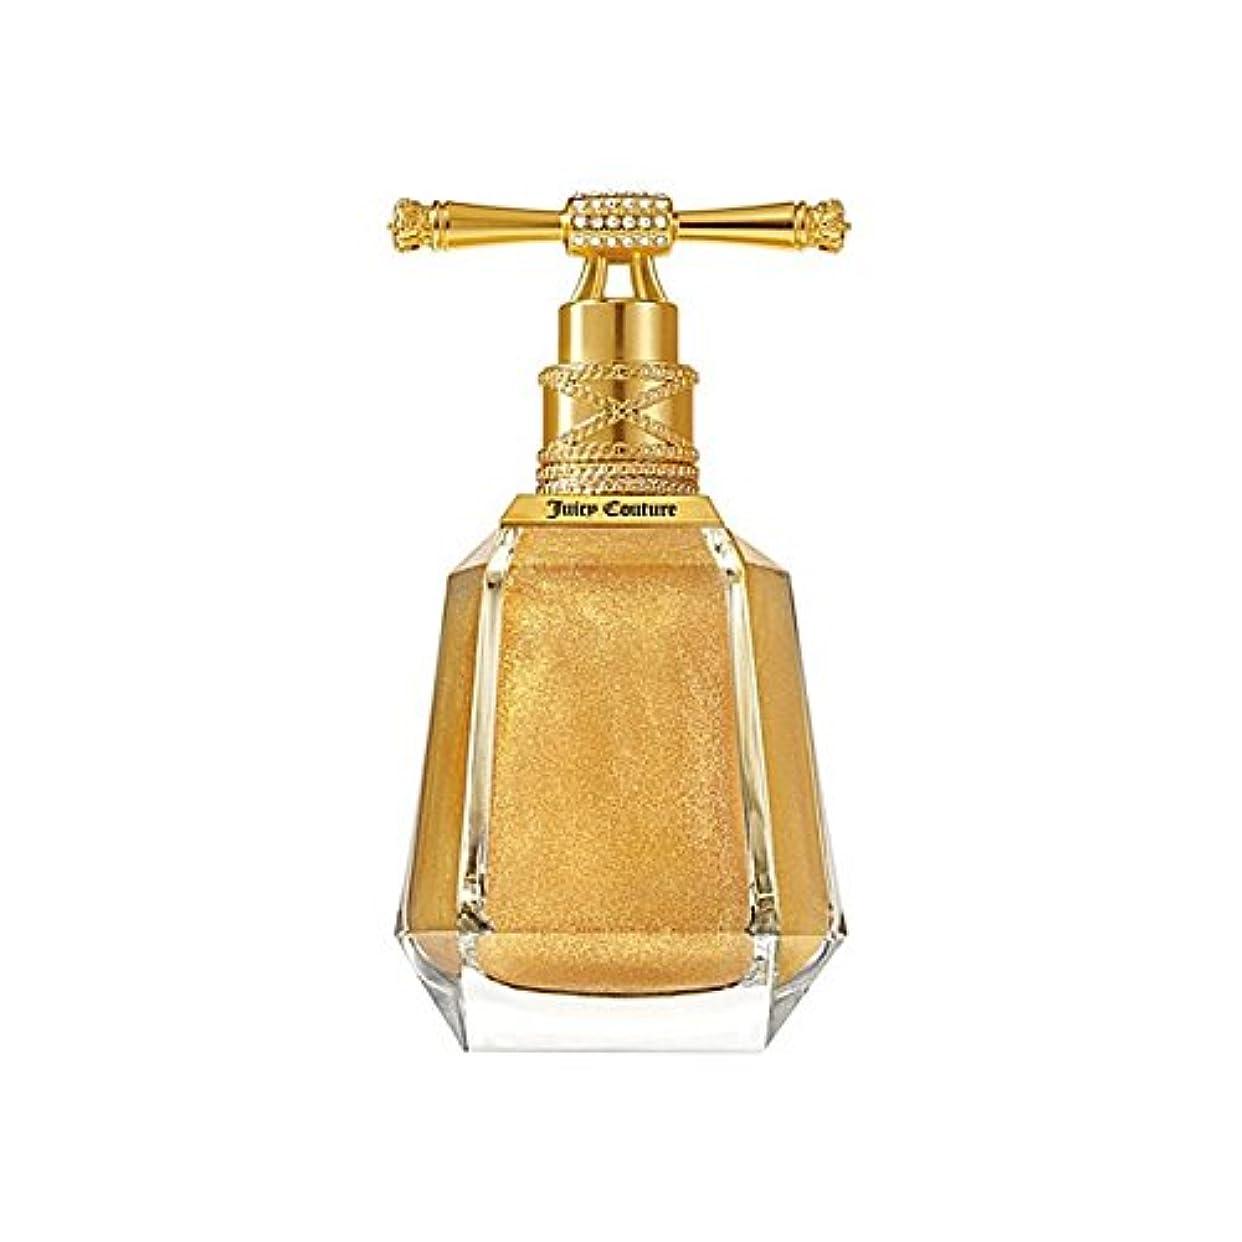 状再集計恐れるJuicy Couture Dry Oil Shimmer Mist 100ml - ジューシークチュールドライオイルきらめきミスト100ミリリットル [並行輸入品]